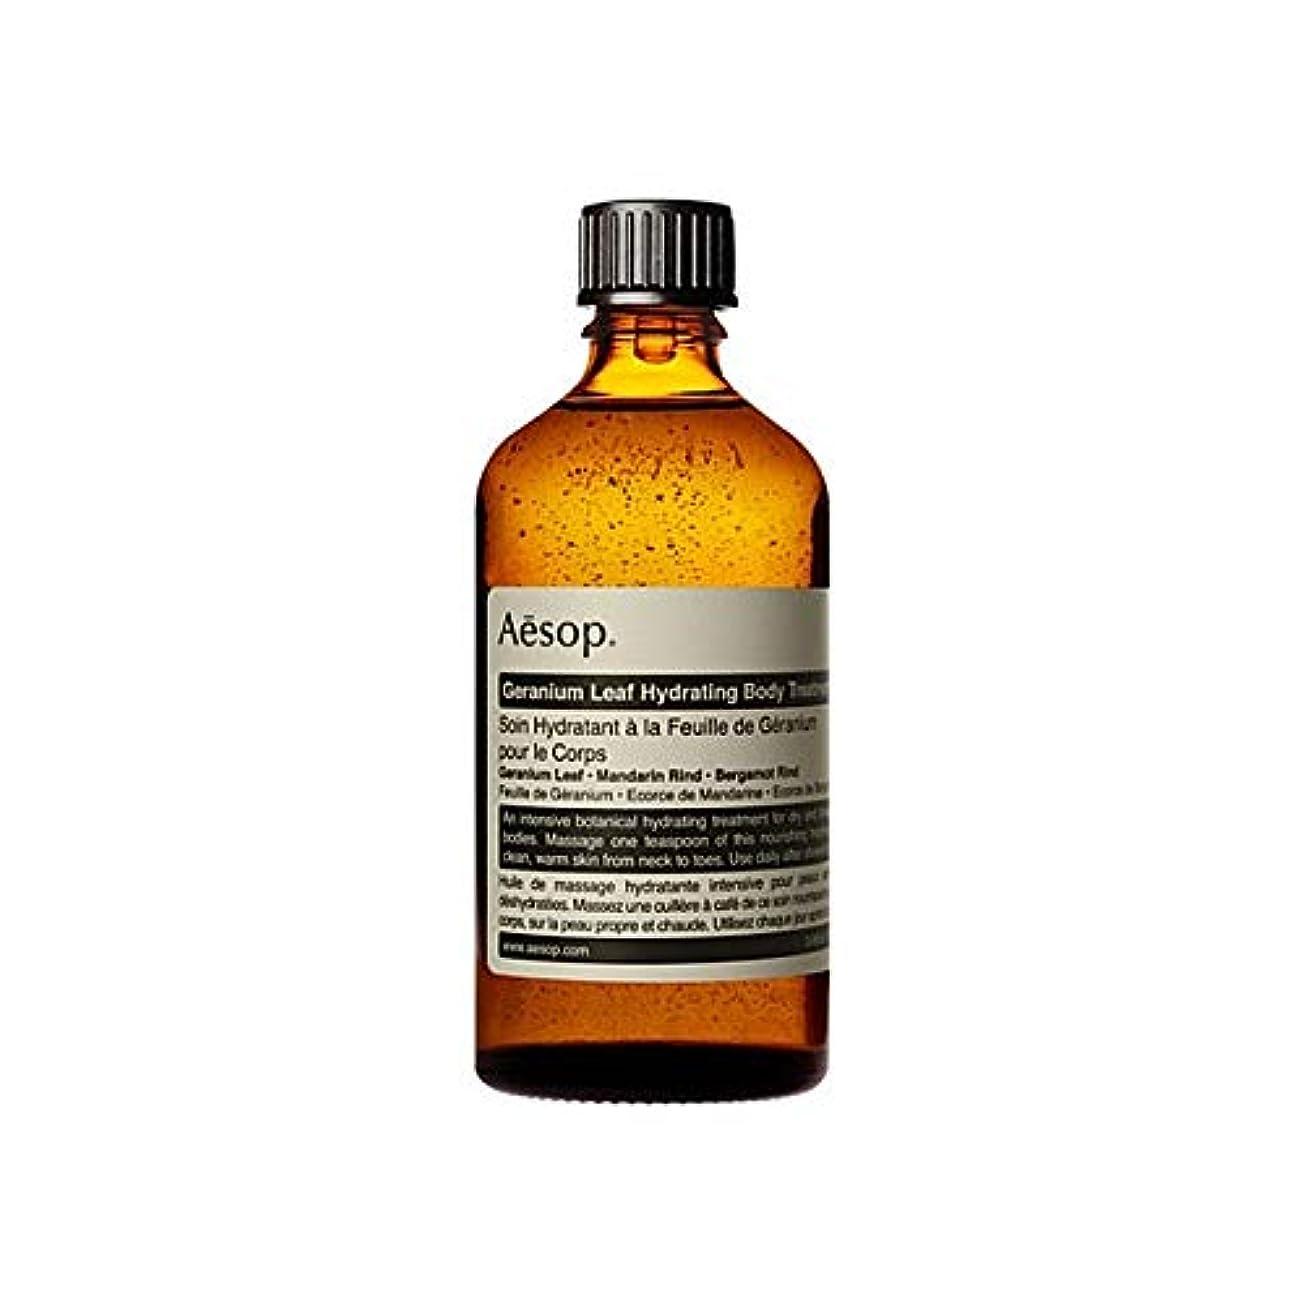 持つ早熟乳剤[Aesop] イソップのゼラニウムの葉水和ボディトリートメント100ミリリットル - Aesop Geranium Leaf Hydrating Body Treatment 100ml [並行輸入品]